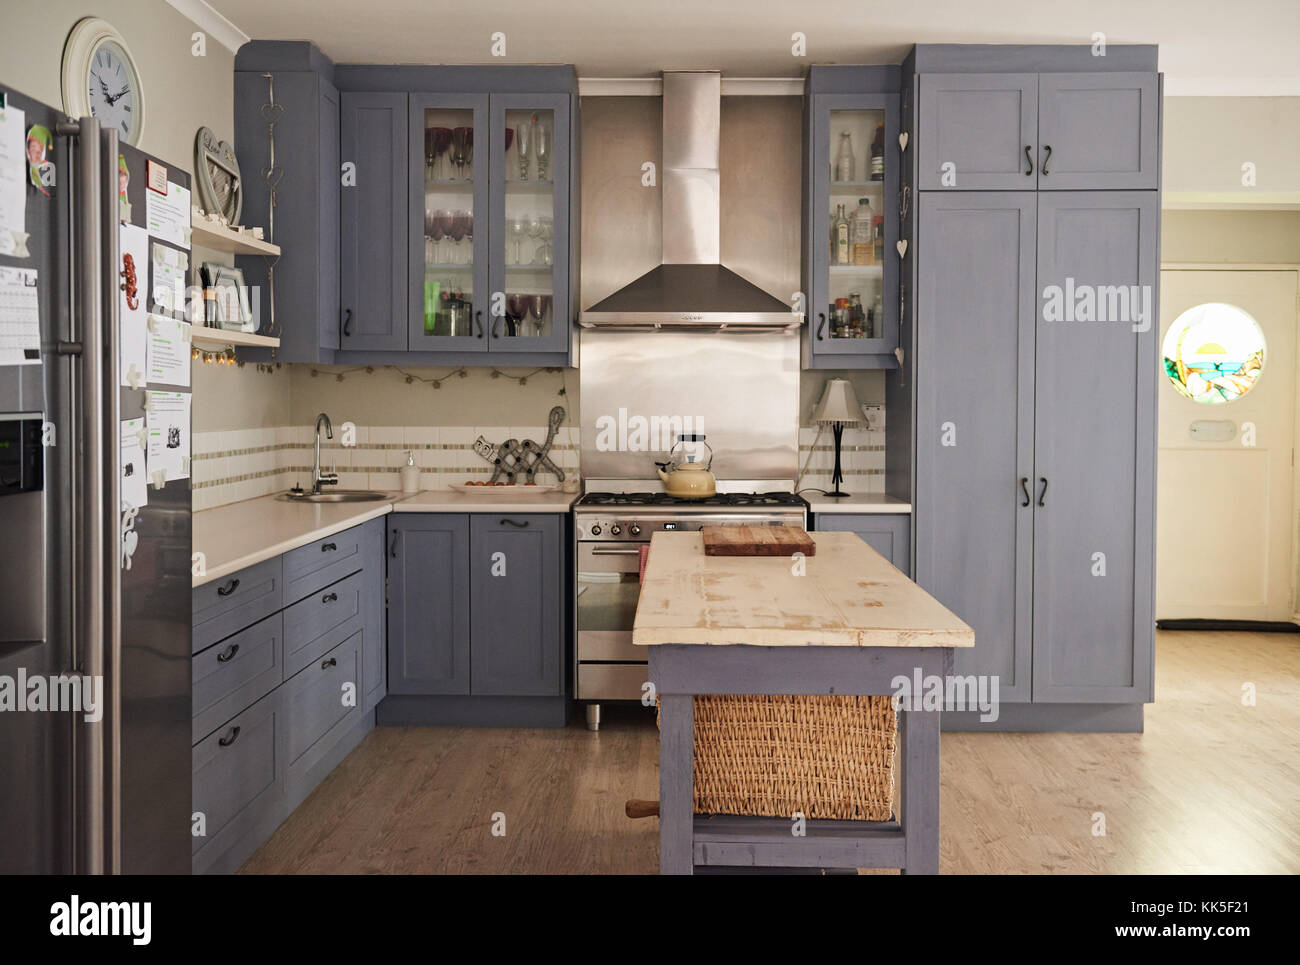 Küche im Landhausstil mit modernen Annehmlichkeiten in einem ...